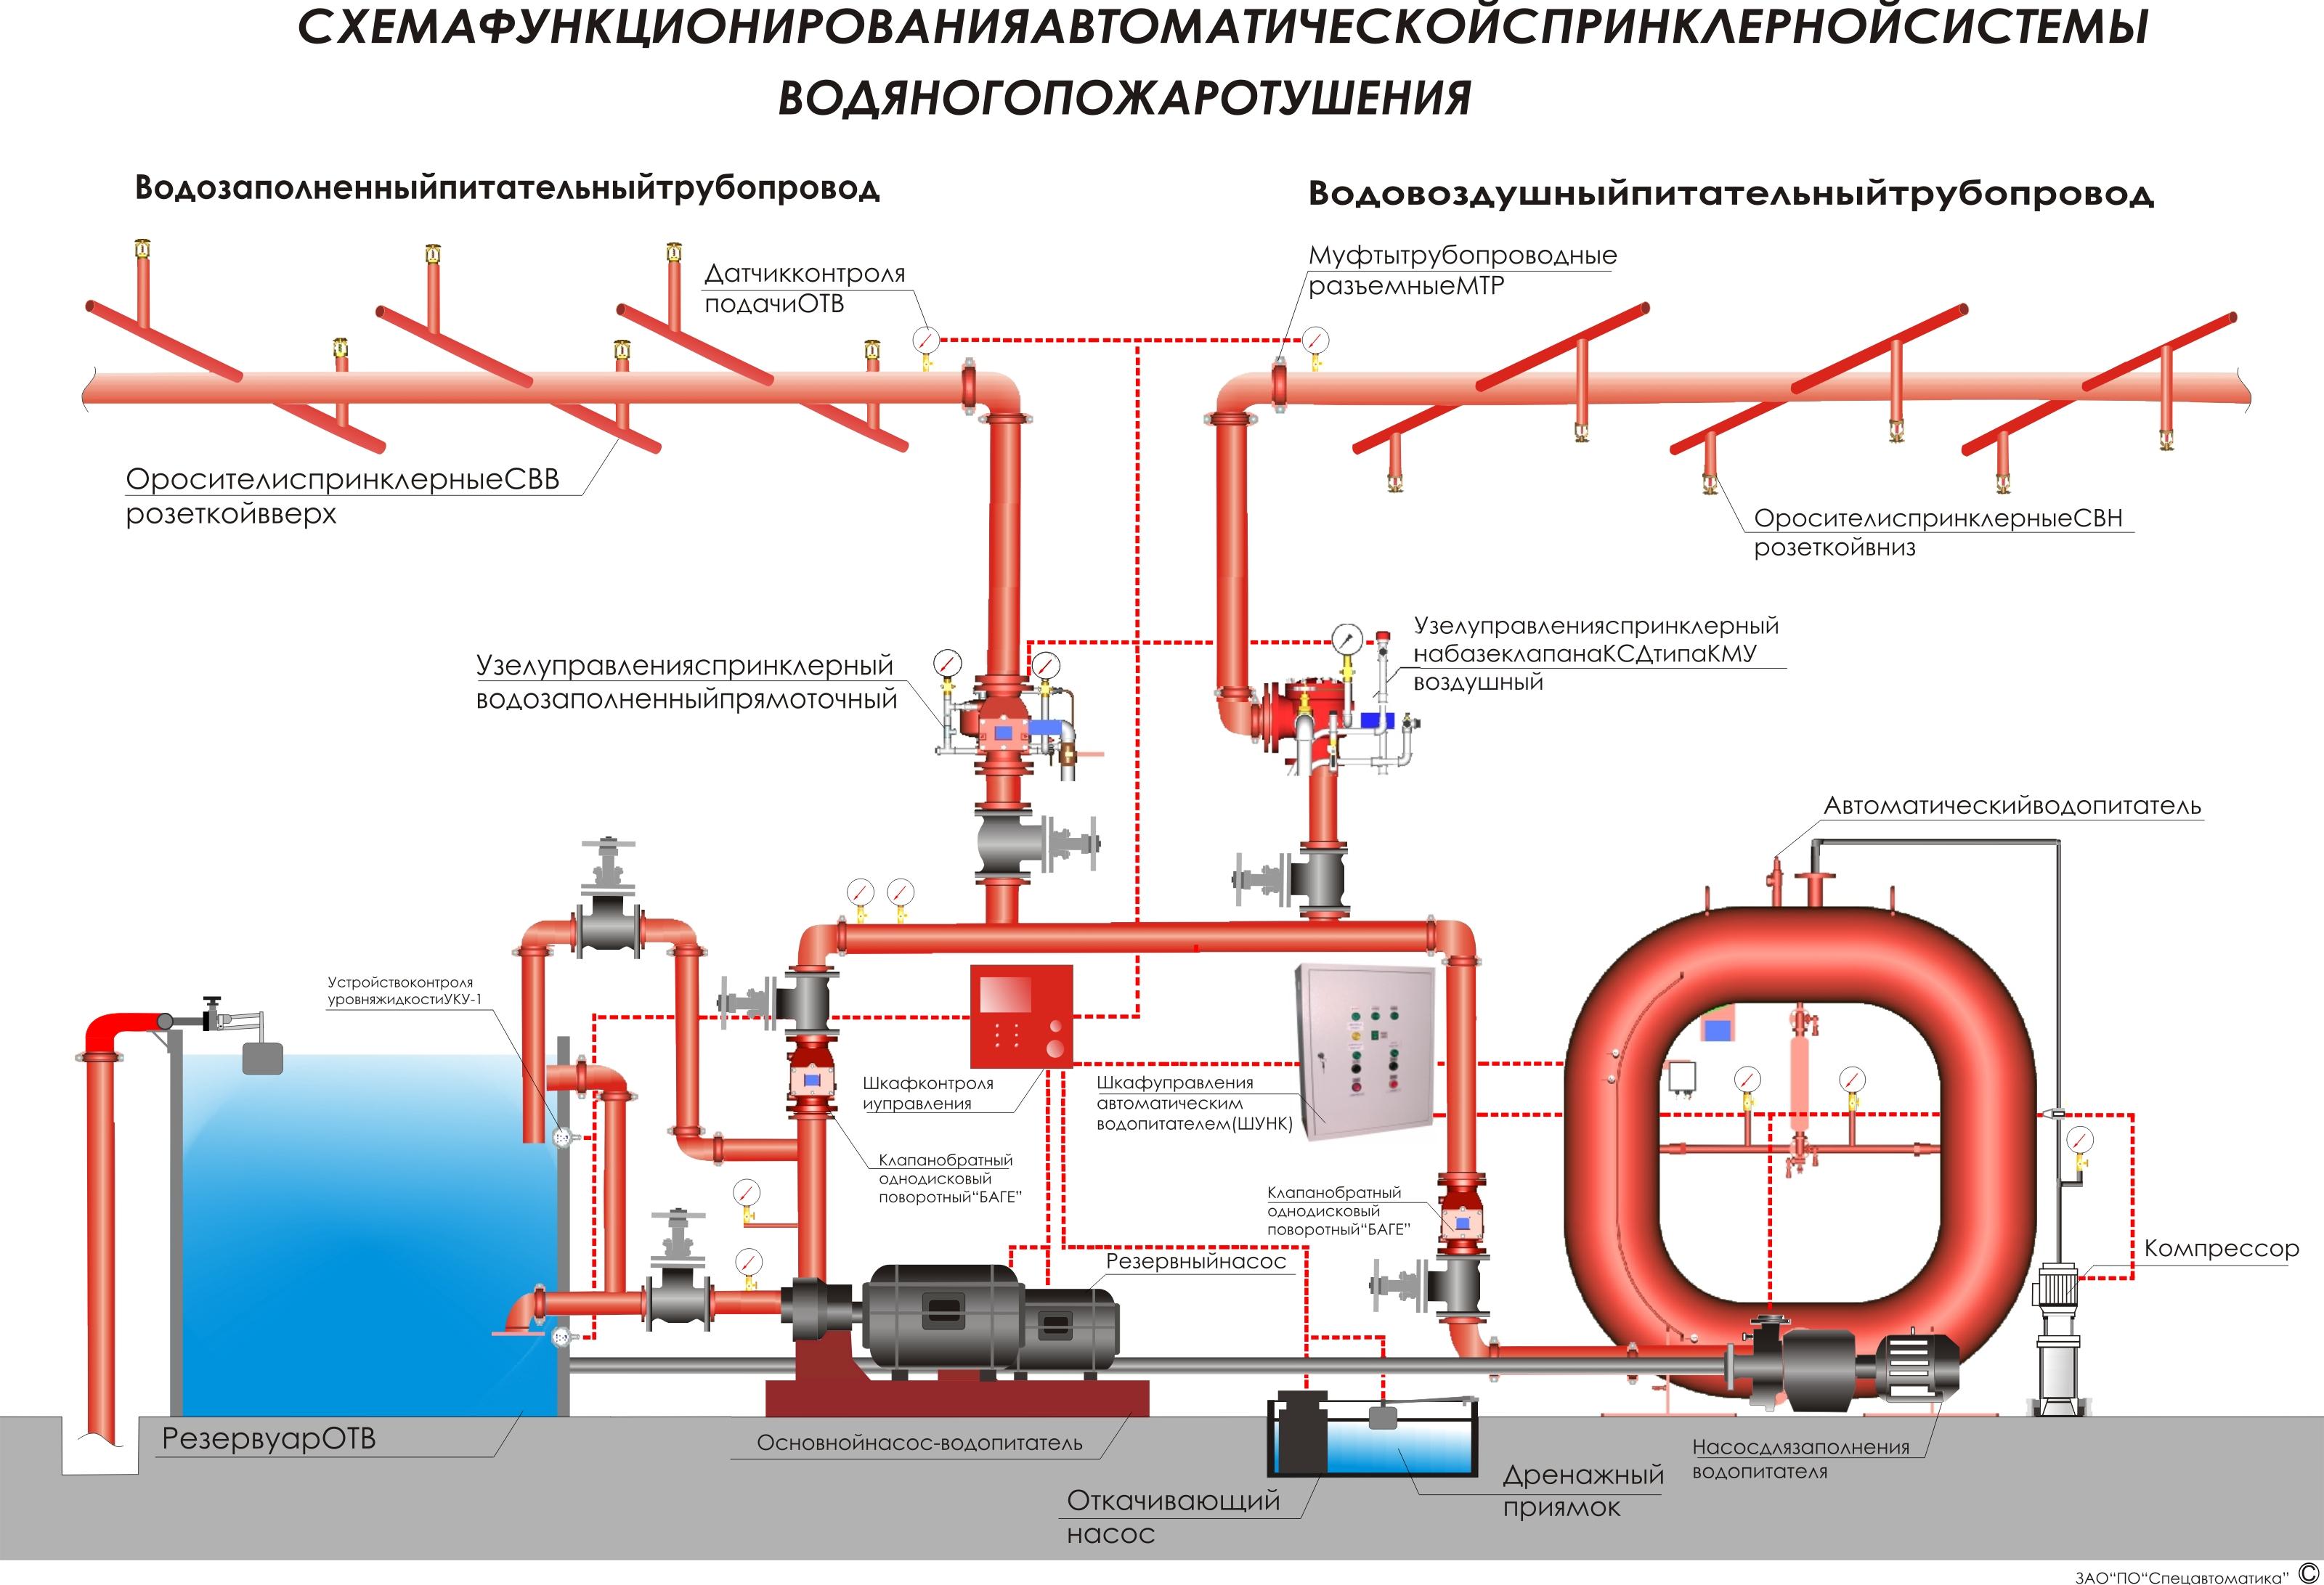 стоимость техническое обслуживание установок автоматического пожаротушения